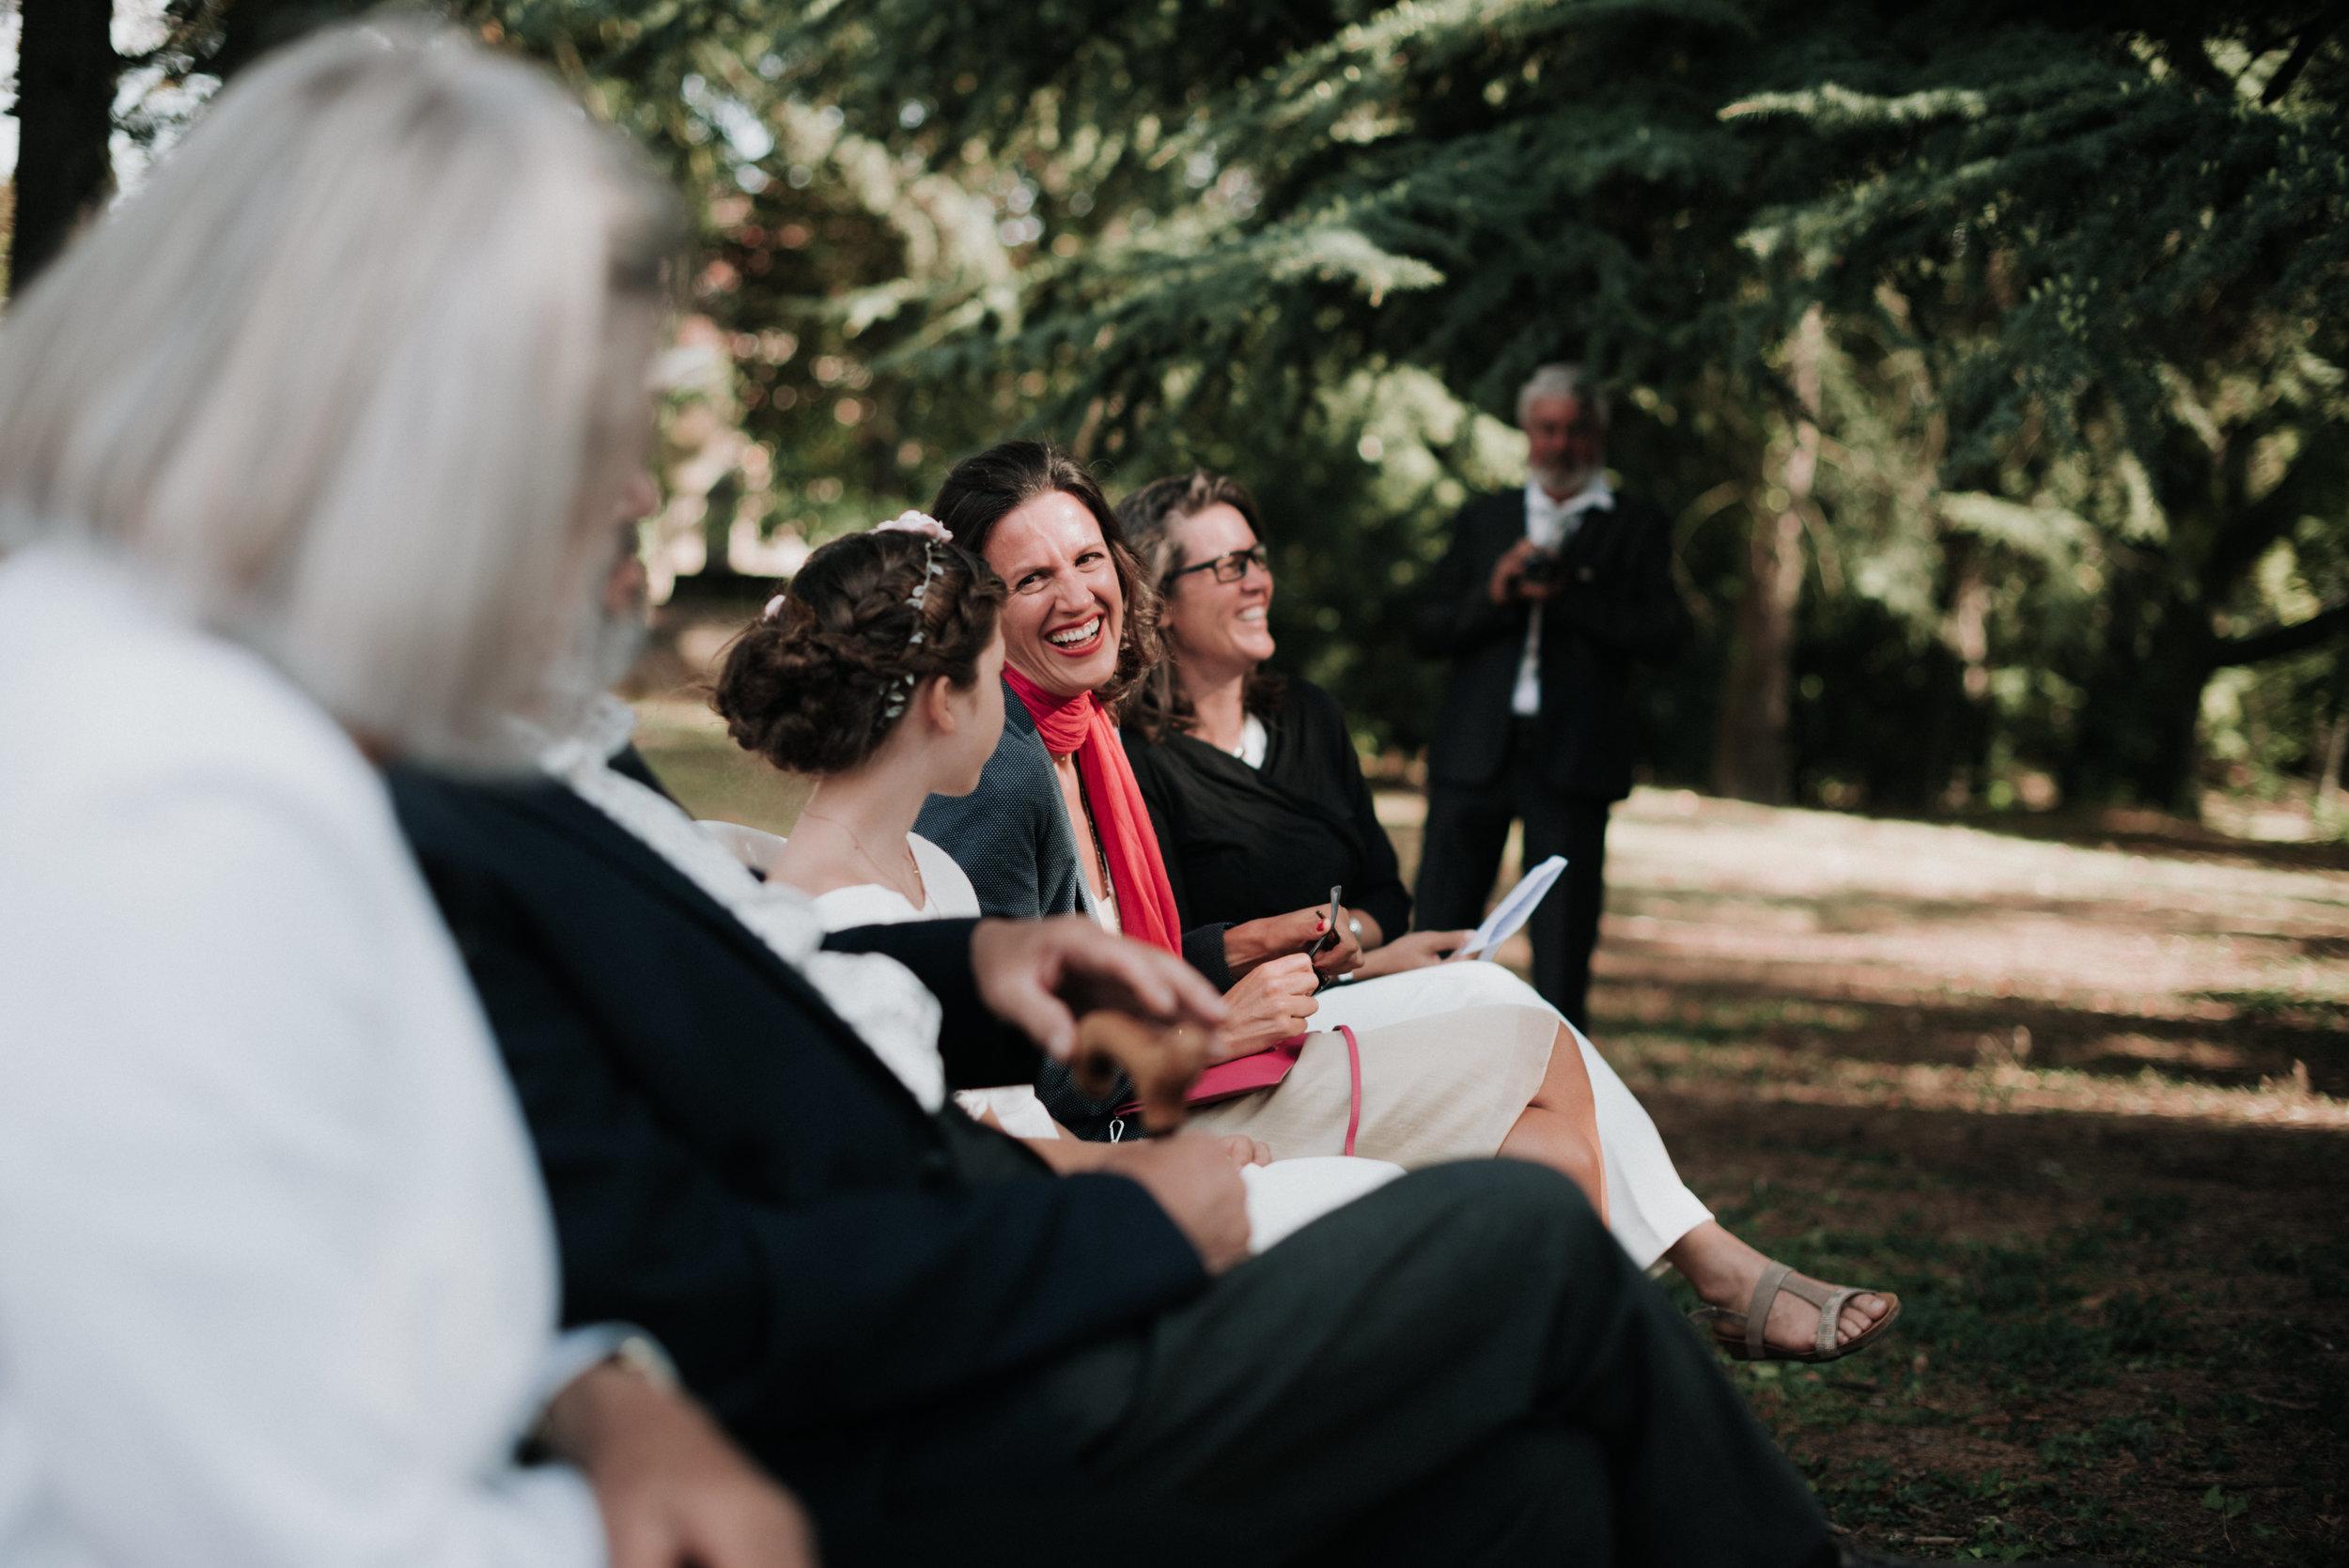 Léa-Fery-photographe-professionnel-lyon-rhone-alpes-portrait-creation-mariage-evenement-evenementiel-famille-8795.jpg